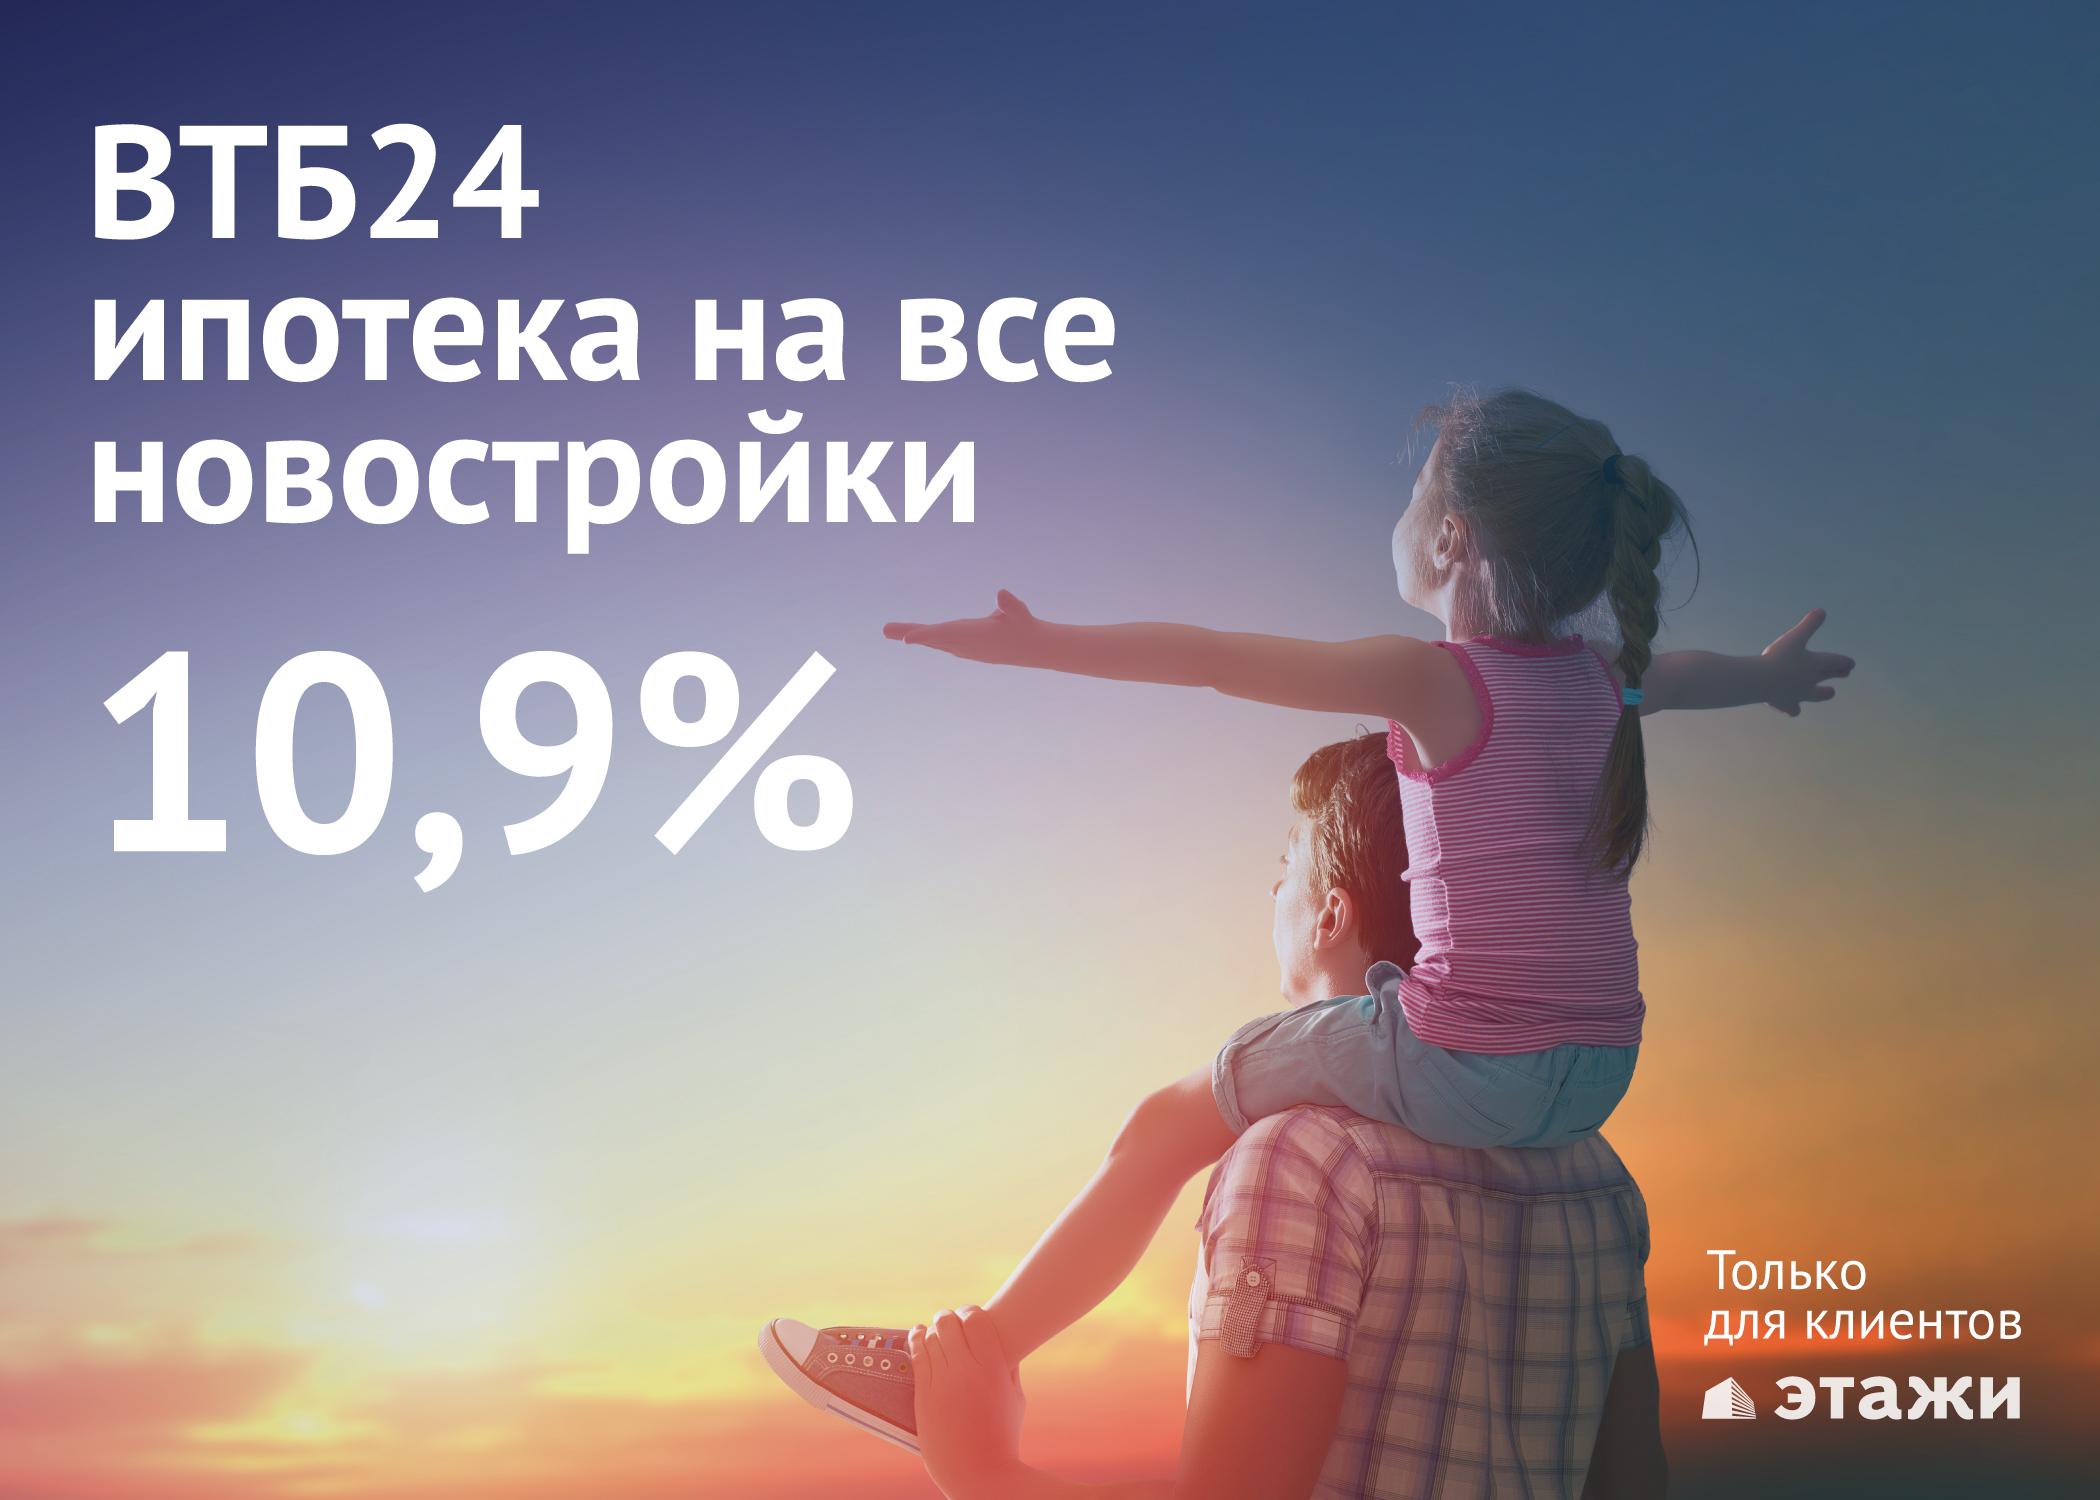 ВКС_ВТБ24-ипотека-на-новостройки.jpg